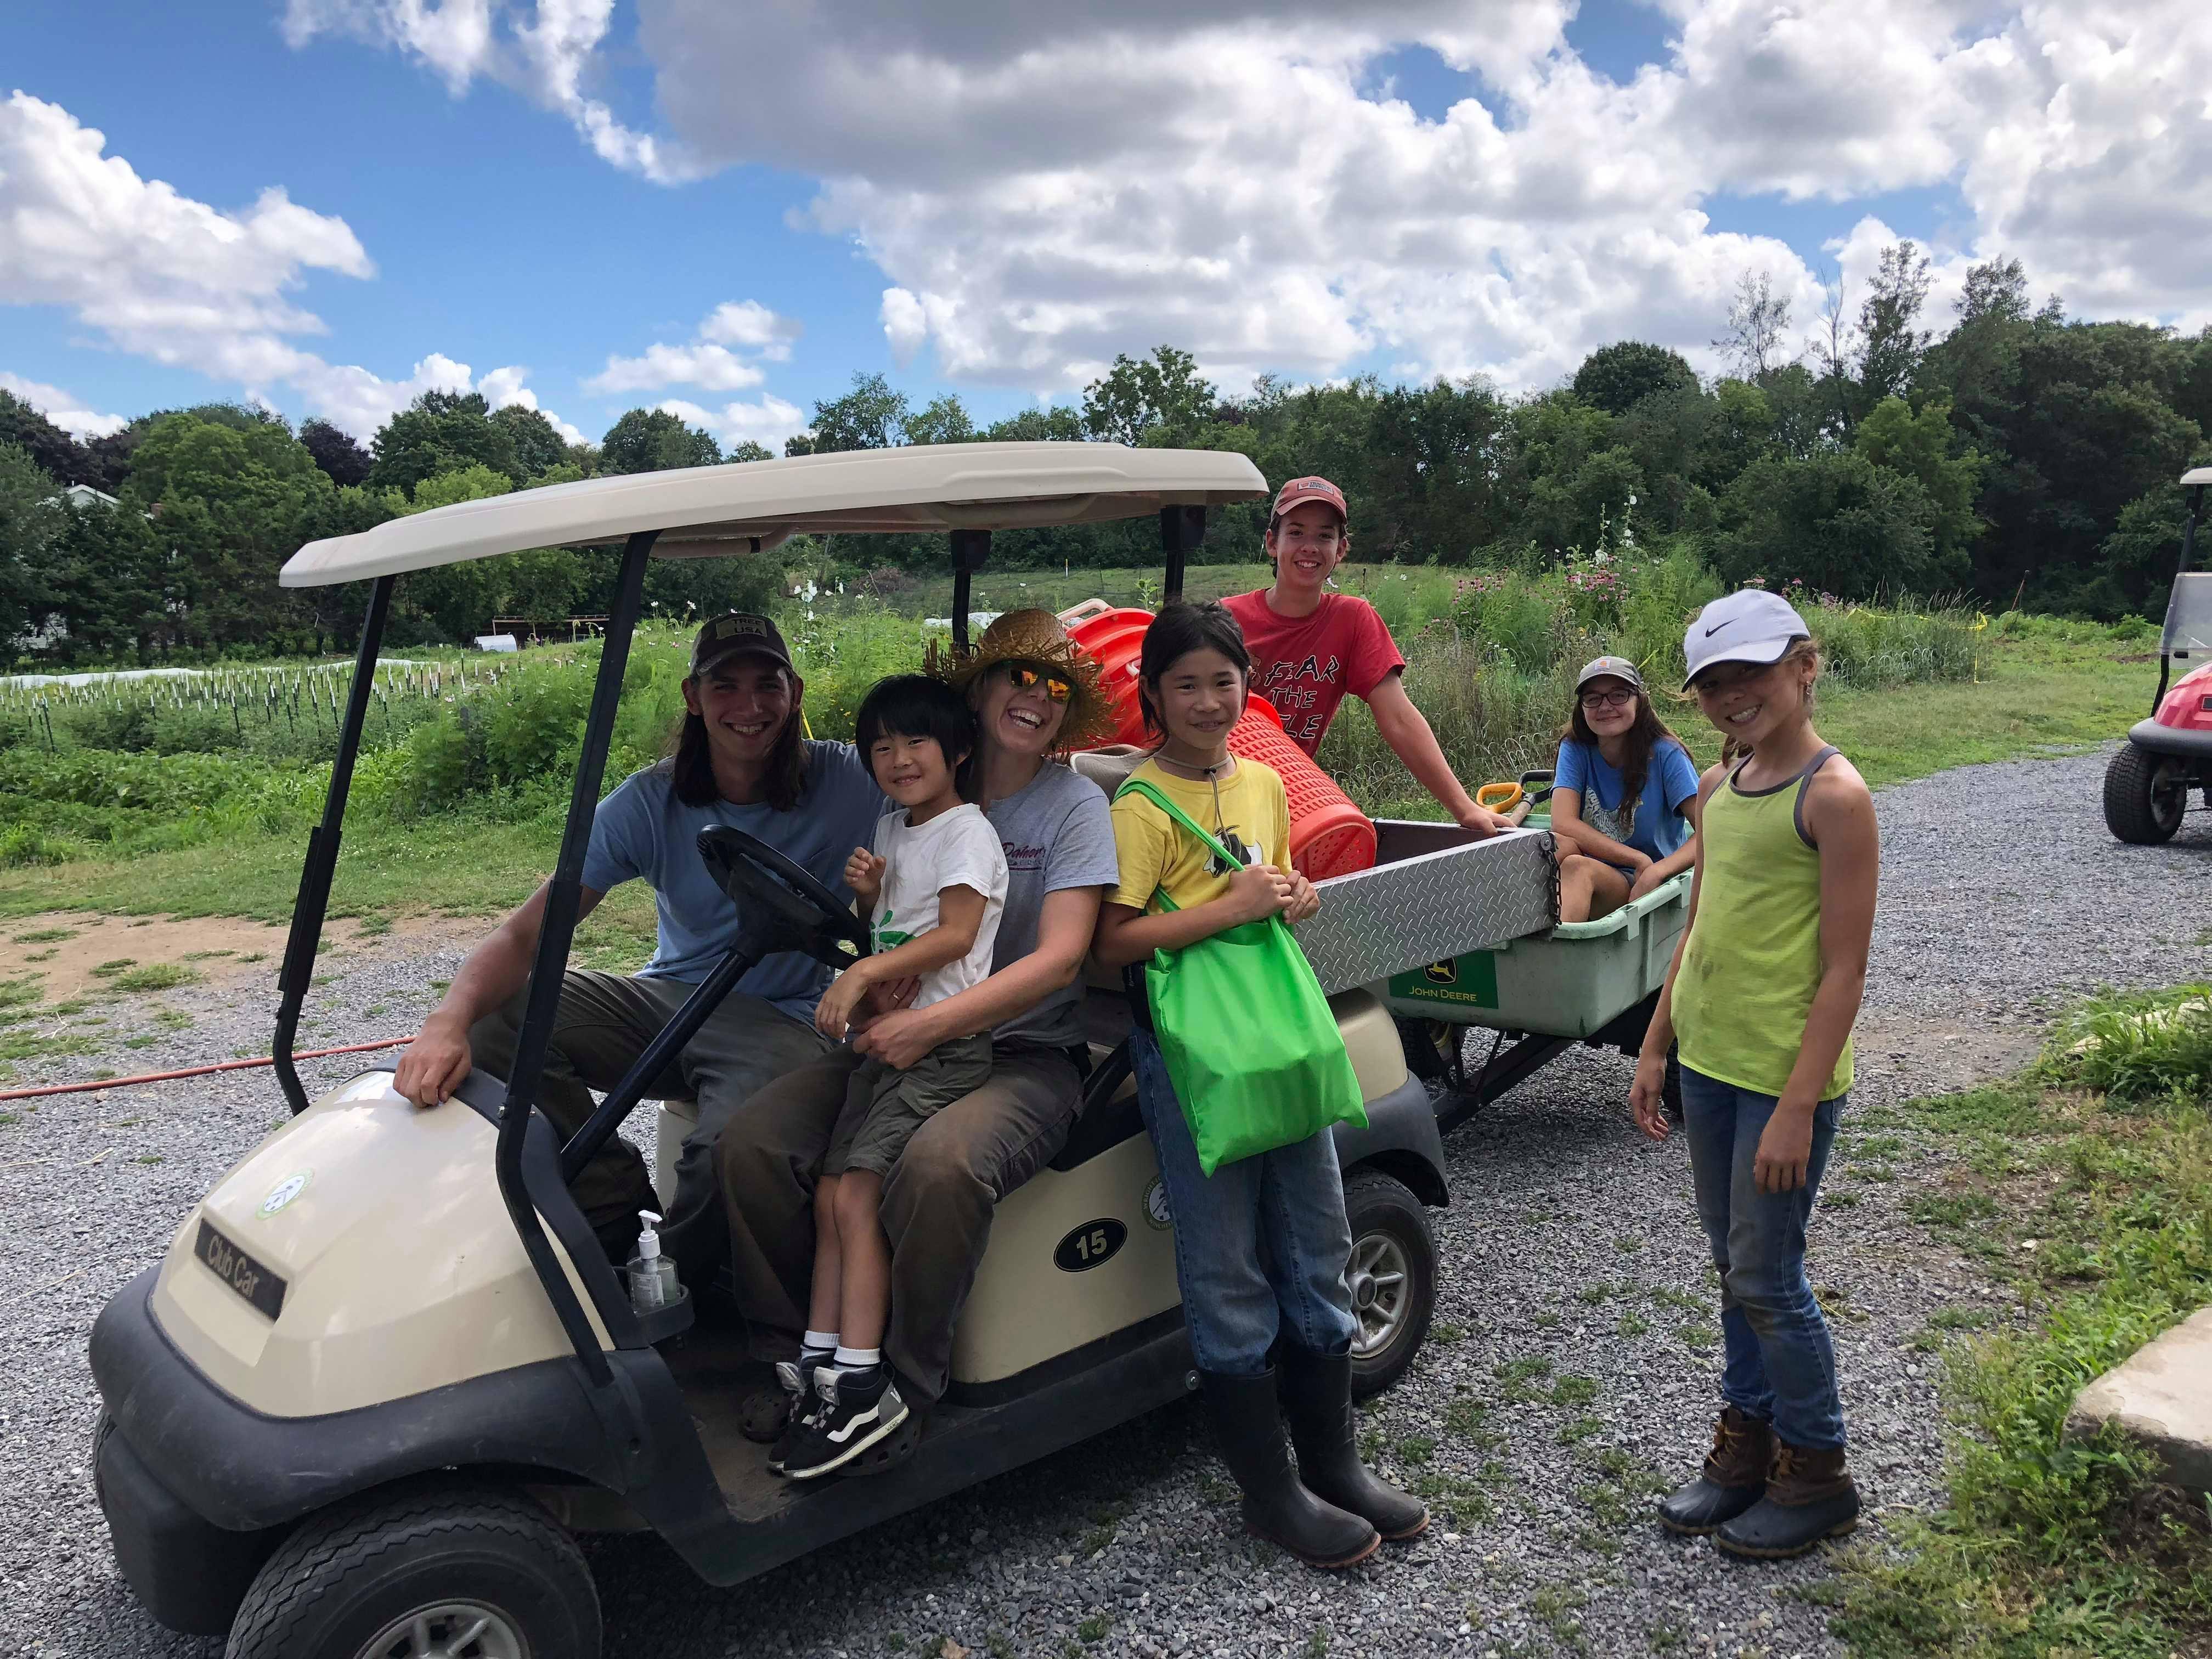 ライトロック農場を訪れている鷹之介君(左から4人目)。別の土地に移っていった農場の元スタッフも集まり、同窓会状態